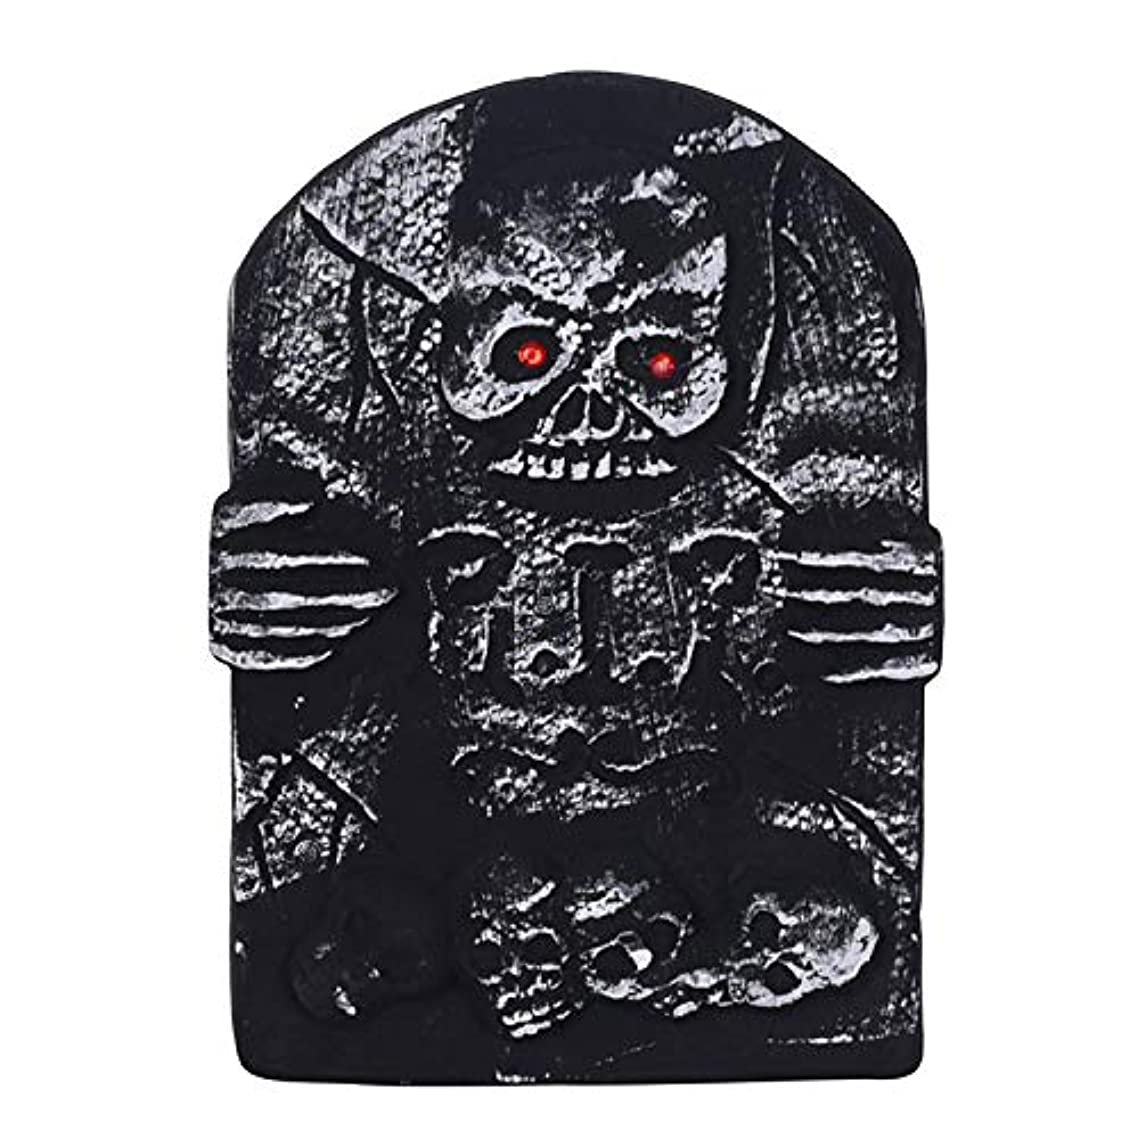 緊急過激派重要な役割を果たす、中心的な手段となるETRRUU HOME 墓石ハロウィーン墓写真小道具バーお化け屋敷KTVタトゥーショップ装飾装飾